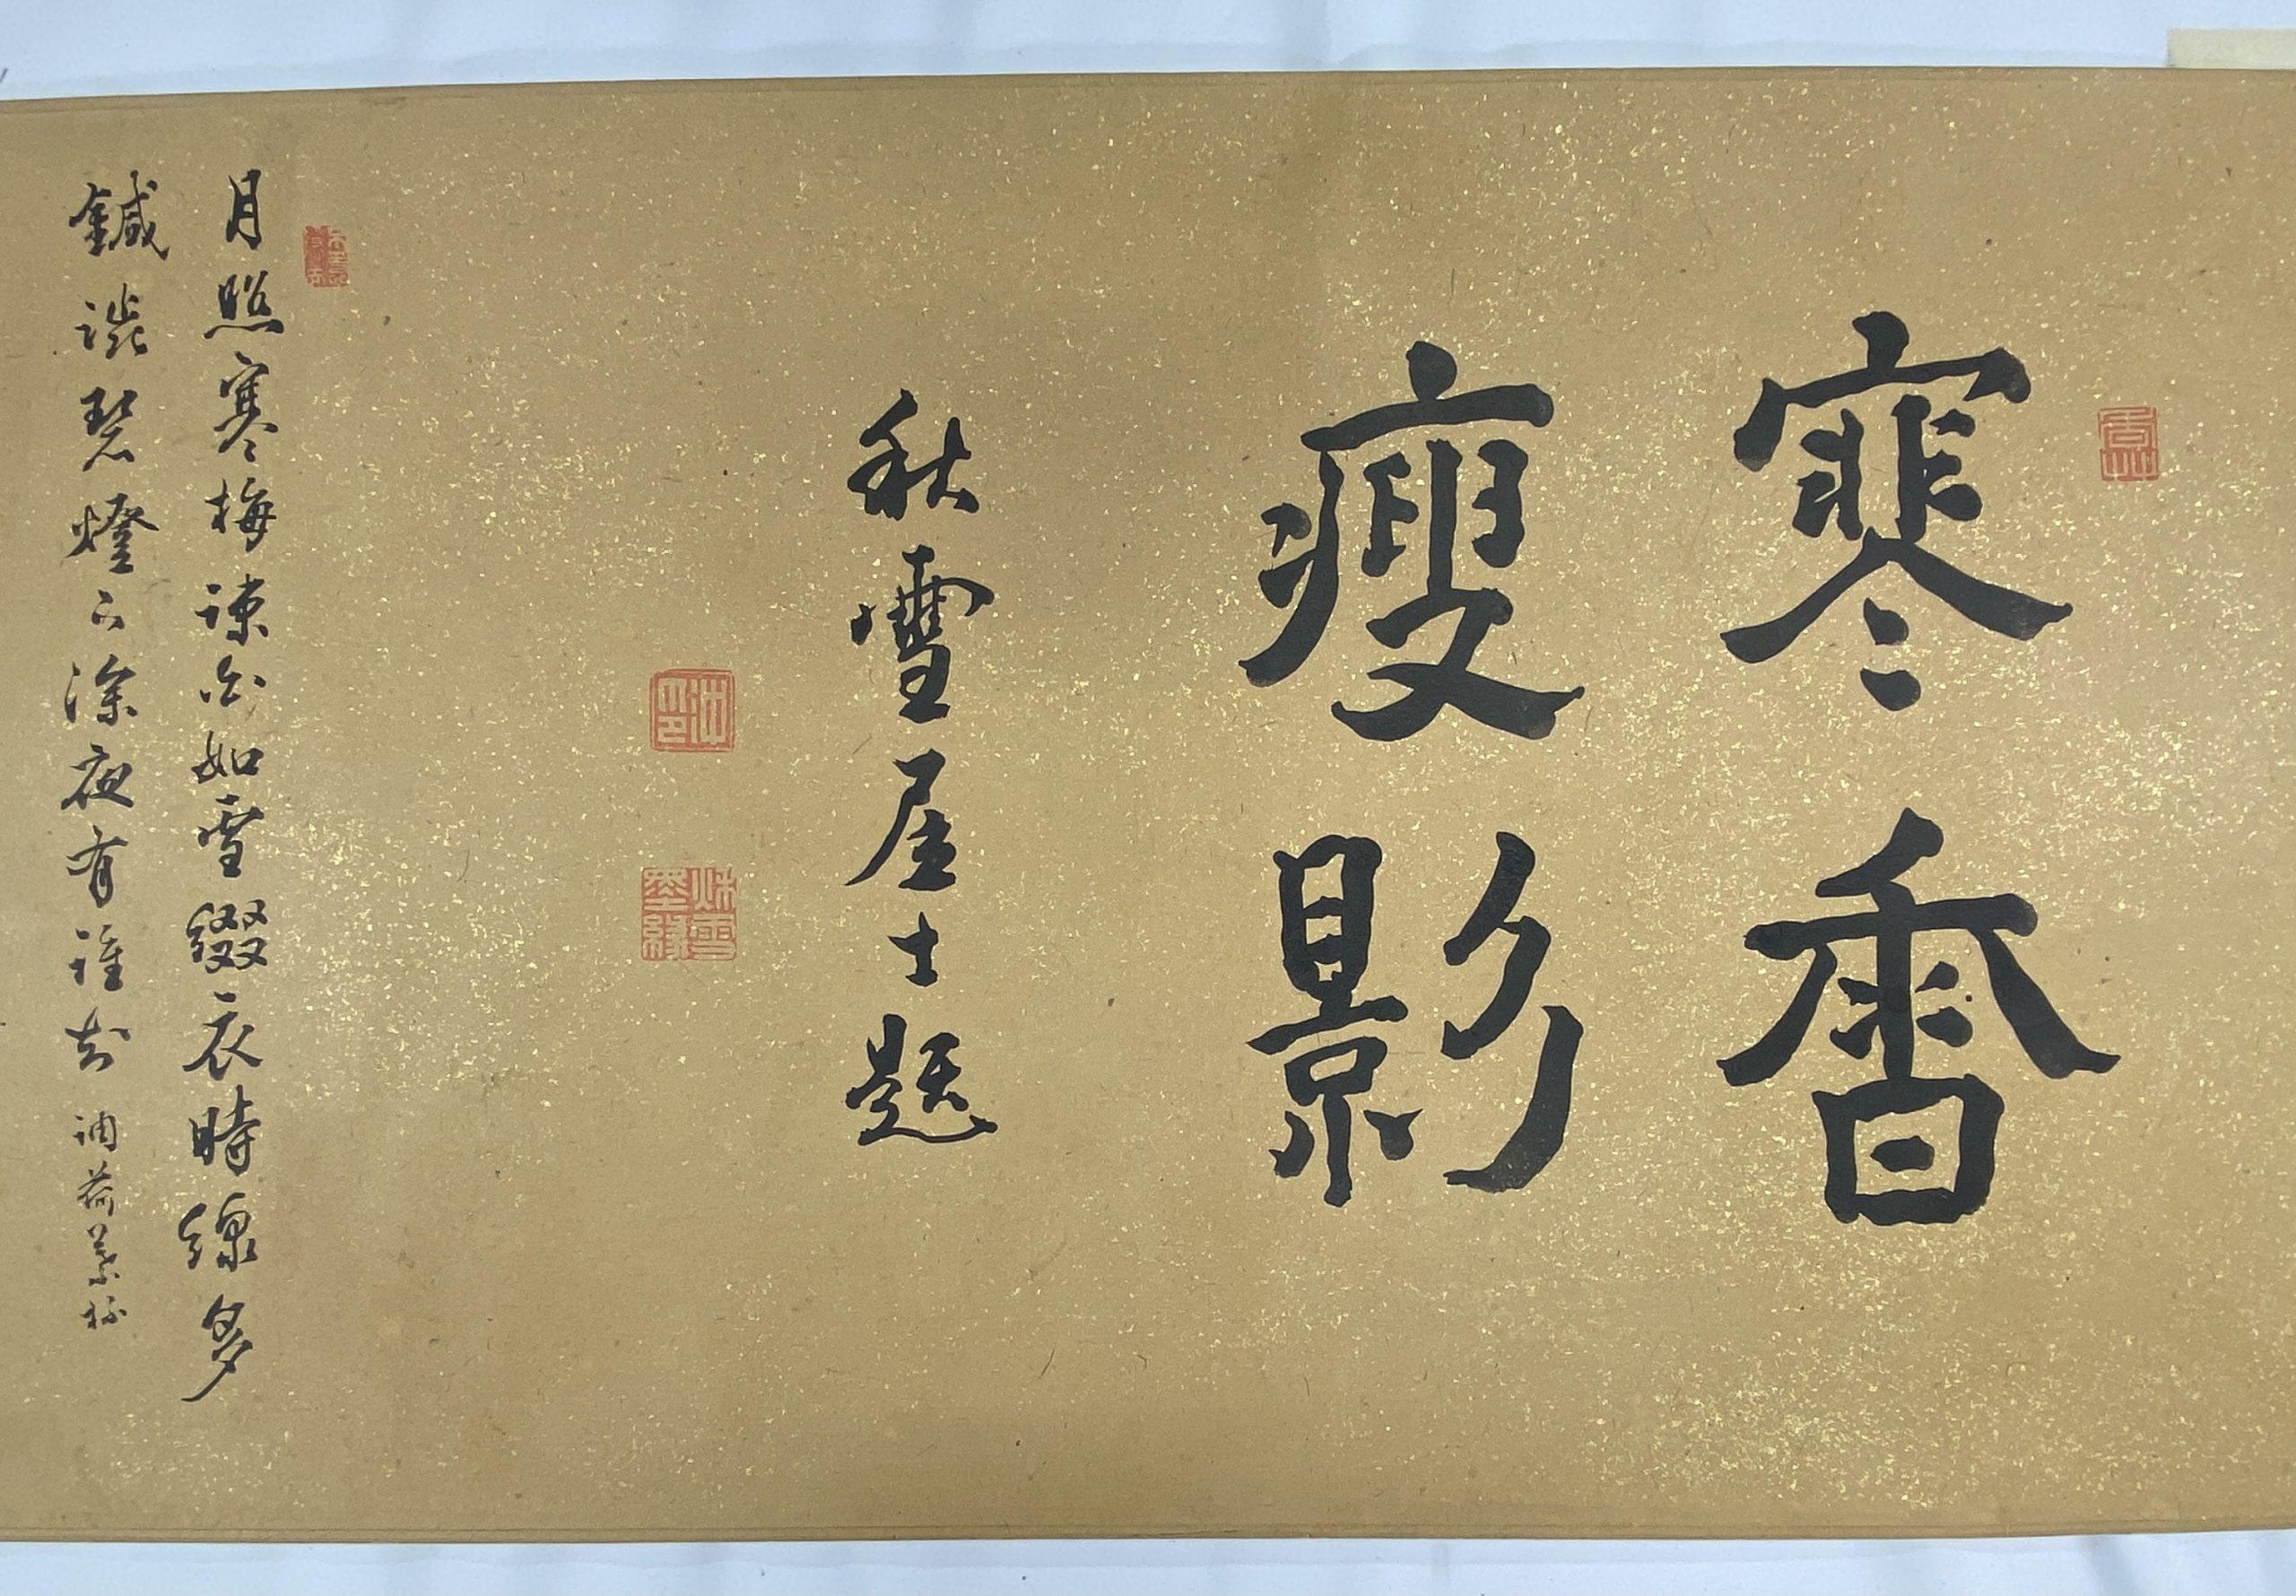 30623山水図 巻物38×180.5cm